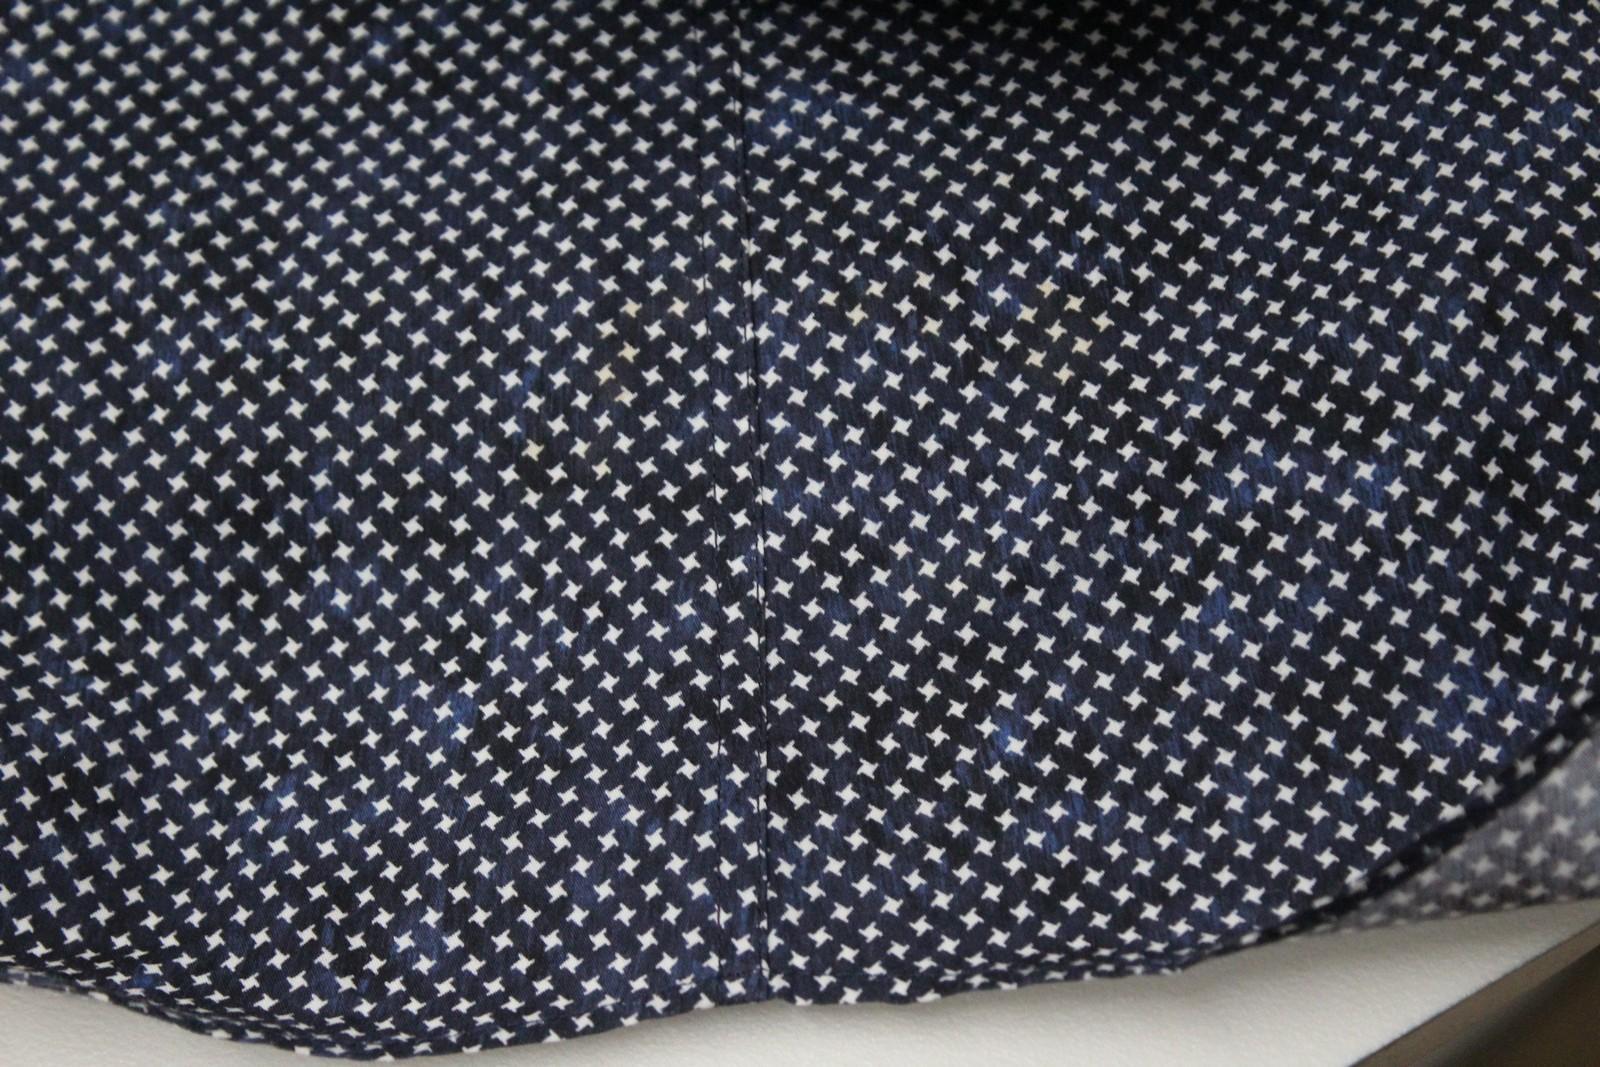 Neil-Barrett-Hombre-Azul-Negro-Algodon-Estampado-de-Estrellas-Formal-Camisa-Cuello-16-5-034-42cm miniatura 9